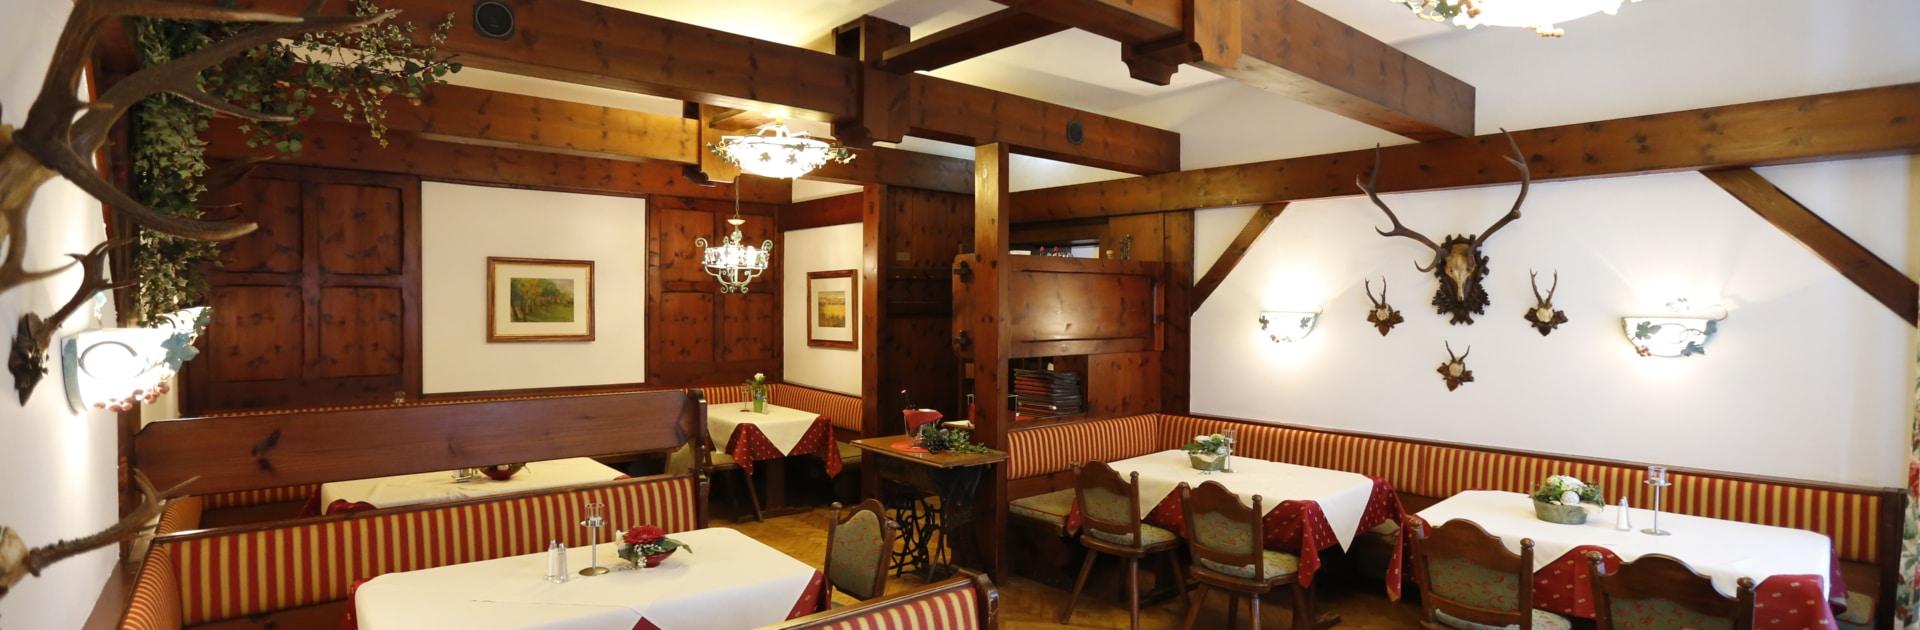 à la carte Restaurant Jägerstüberl in Schladming